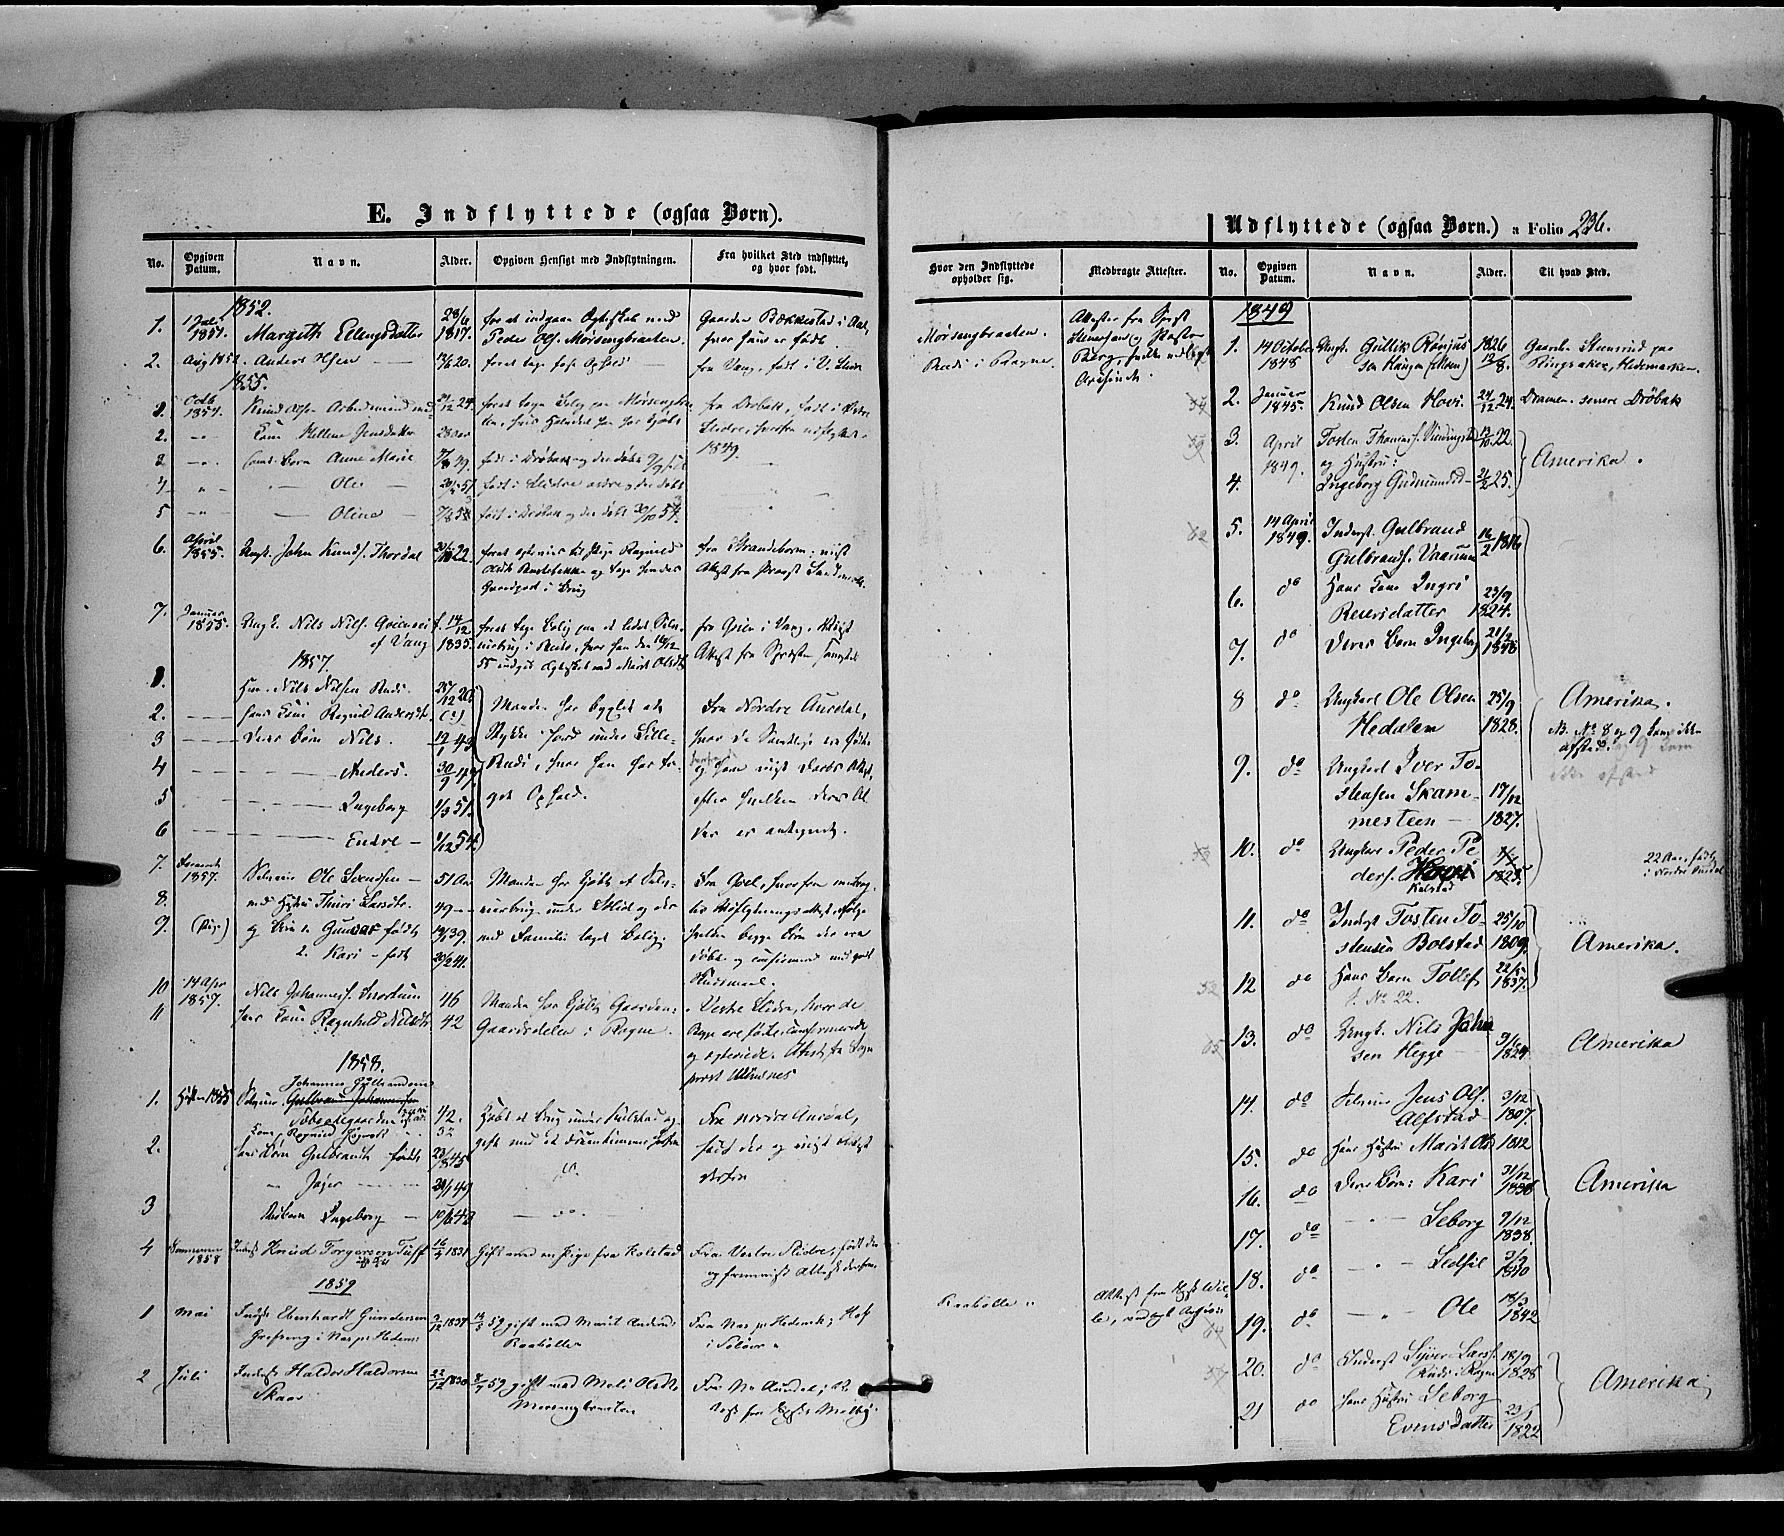 SAH, Øystre Slidre prestekontor, Ministerialbok nr. 1, 1849-1874, s. 236